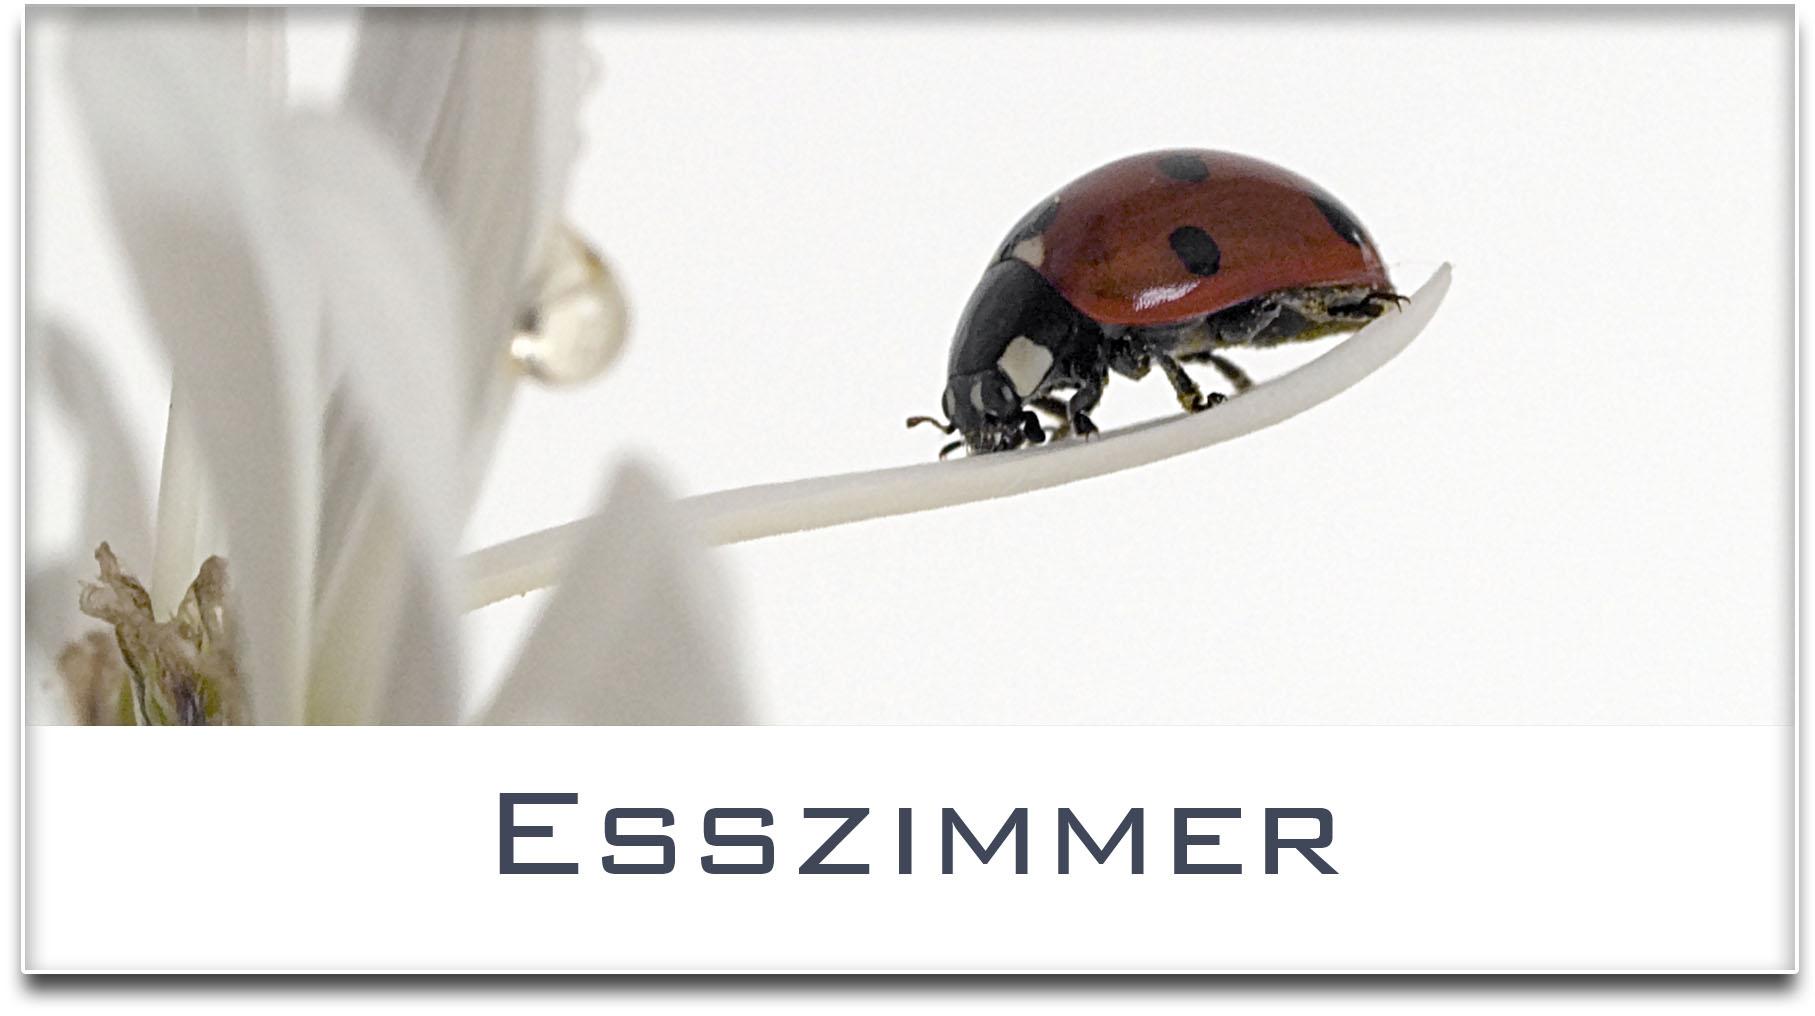 Türschild / Haustürschild / Marienkäfer / Esszimmer / Selbstklebend